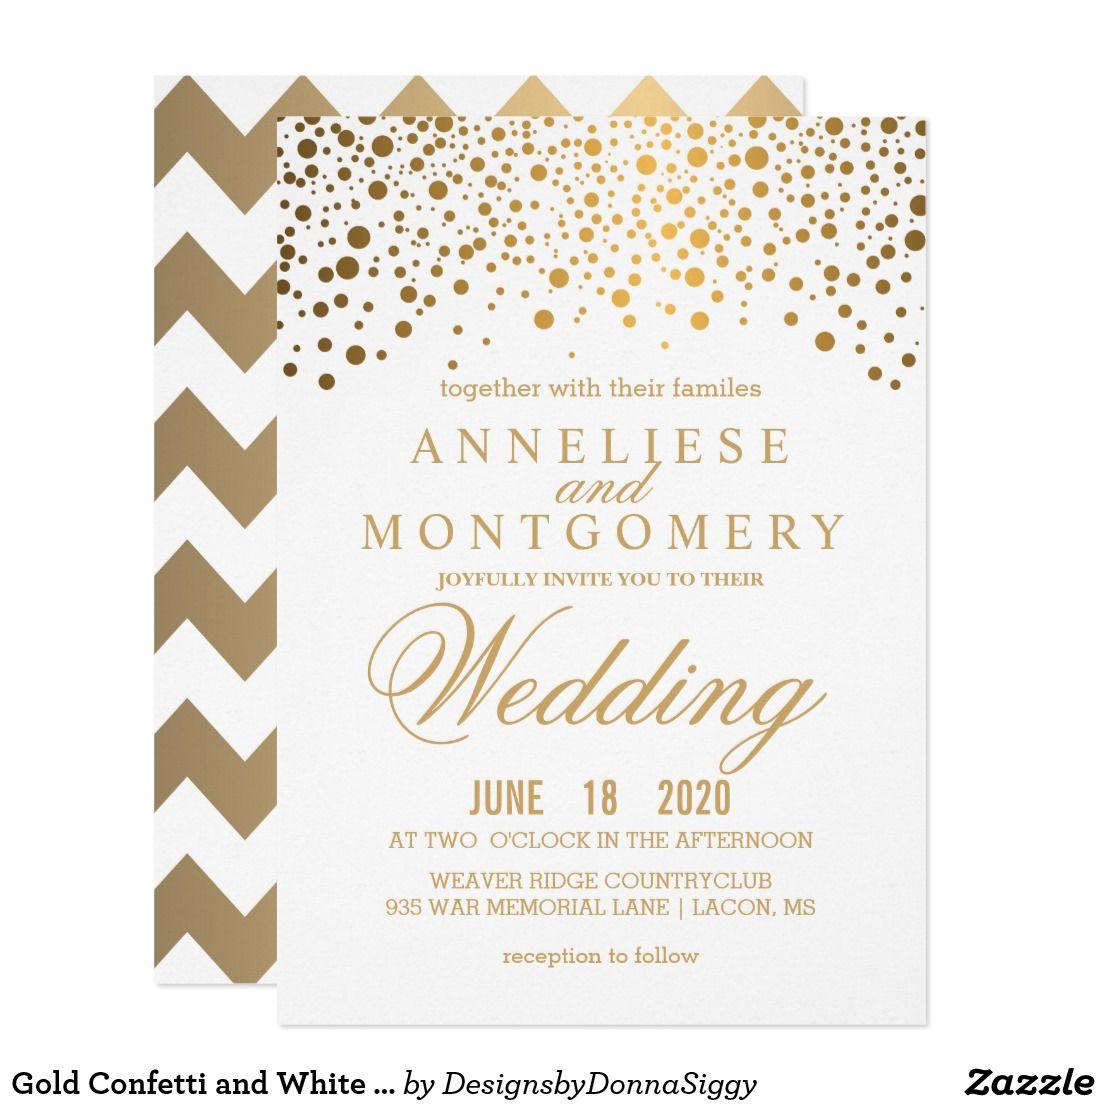 Gold Confetti and White Wedding Invitation Stylish Gold Confetti ...